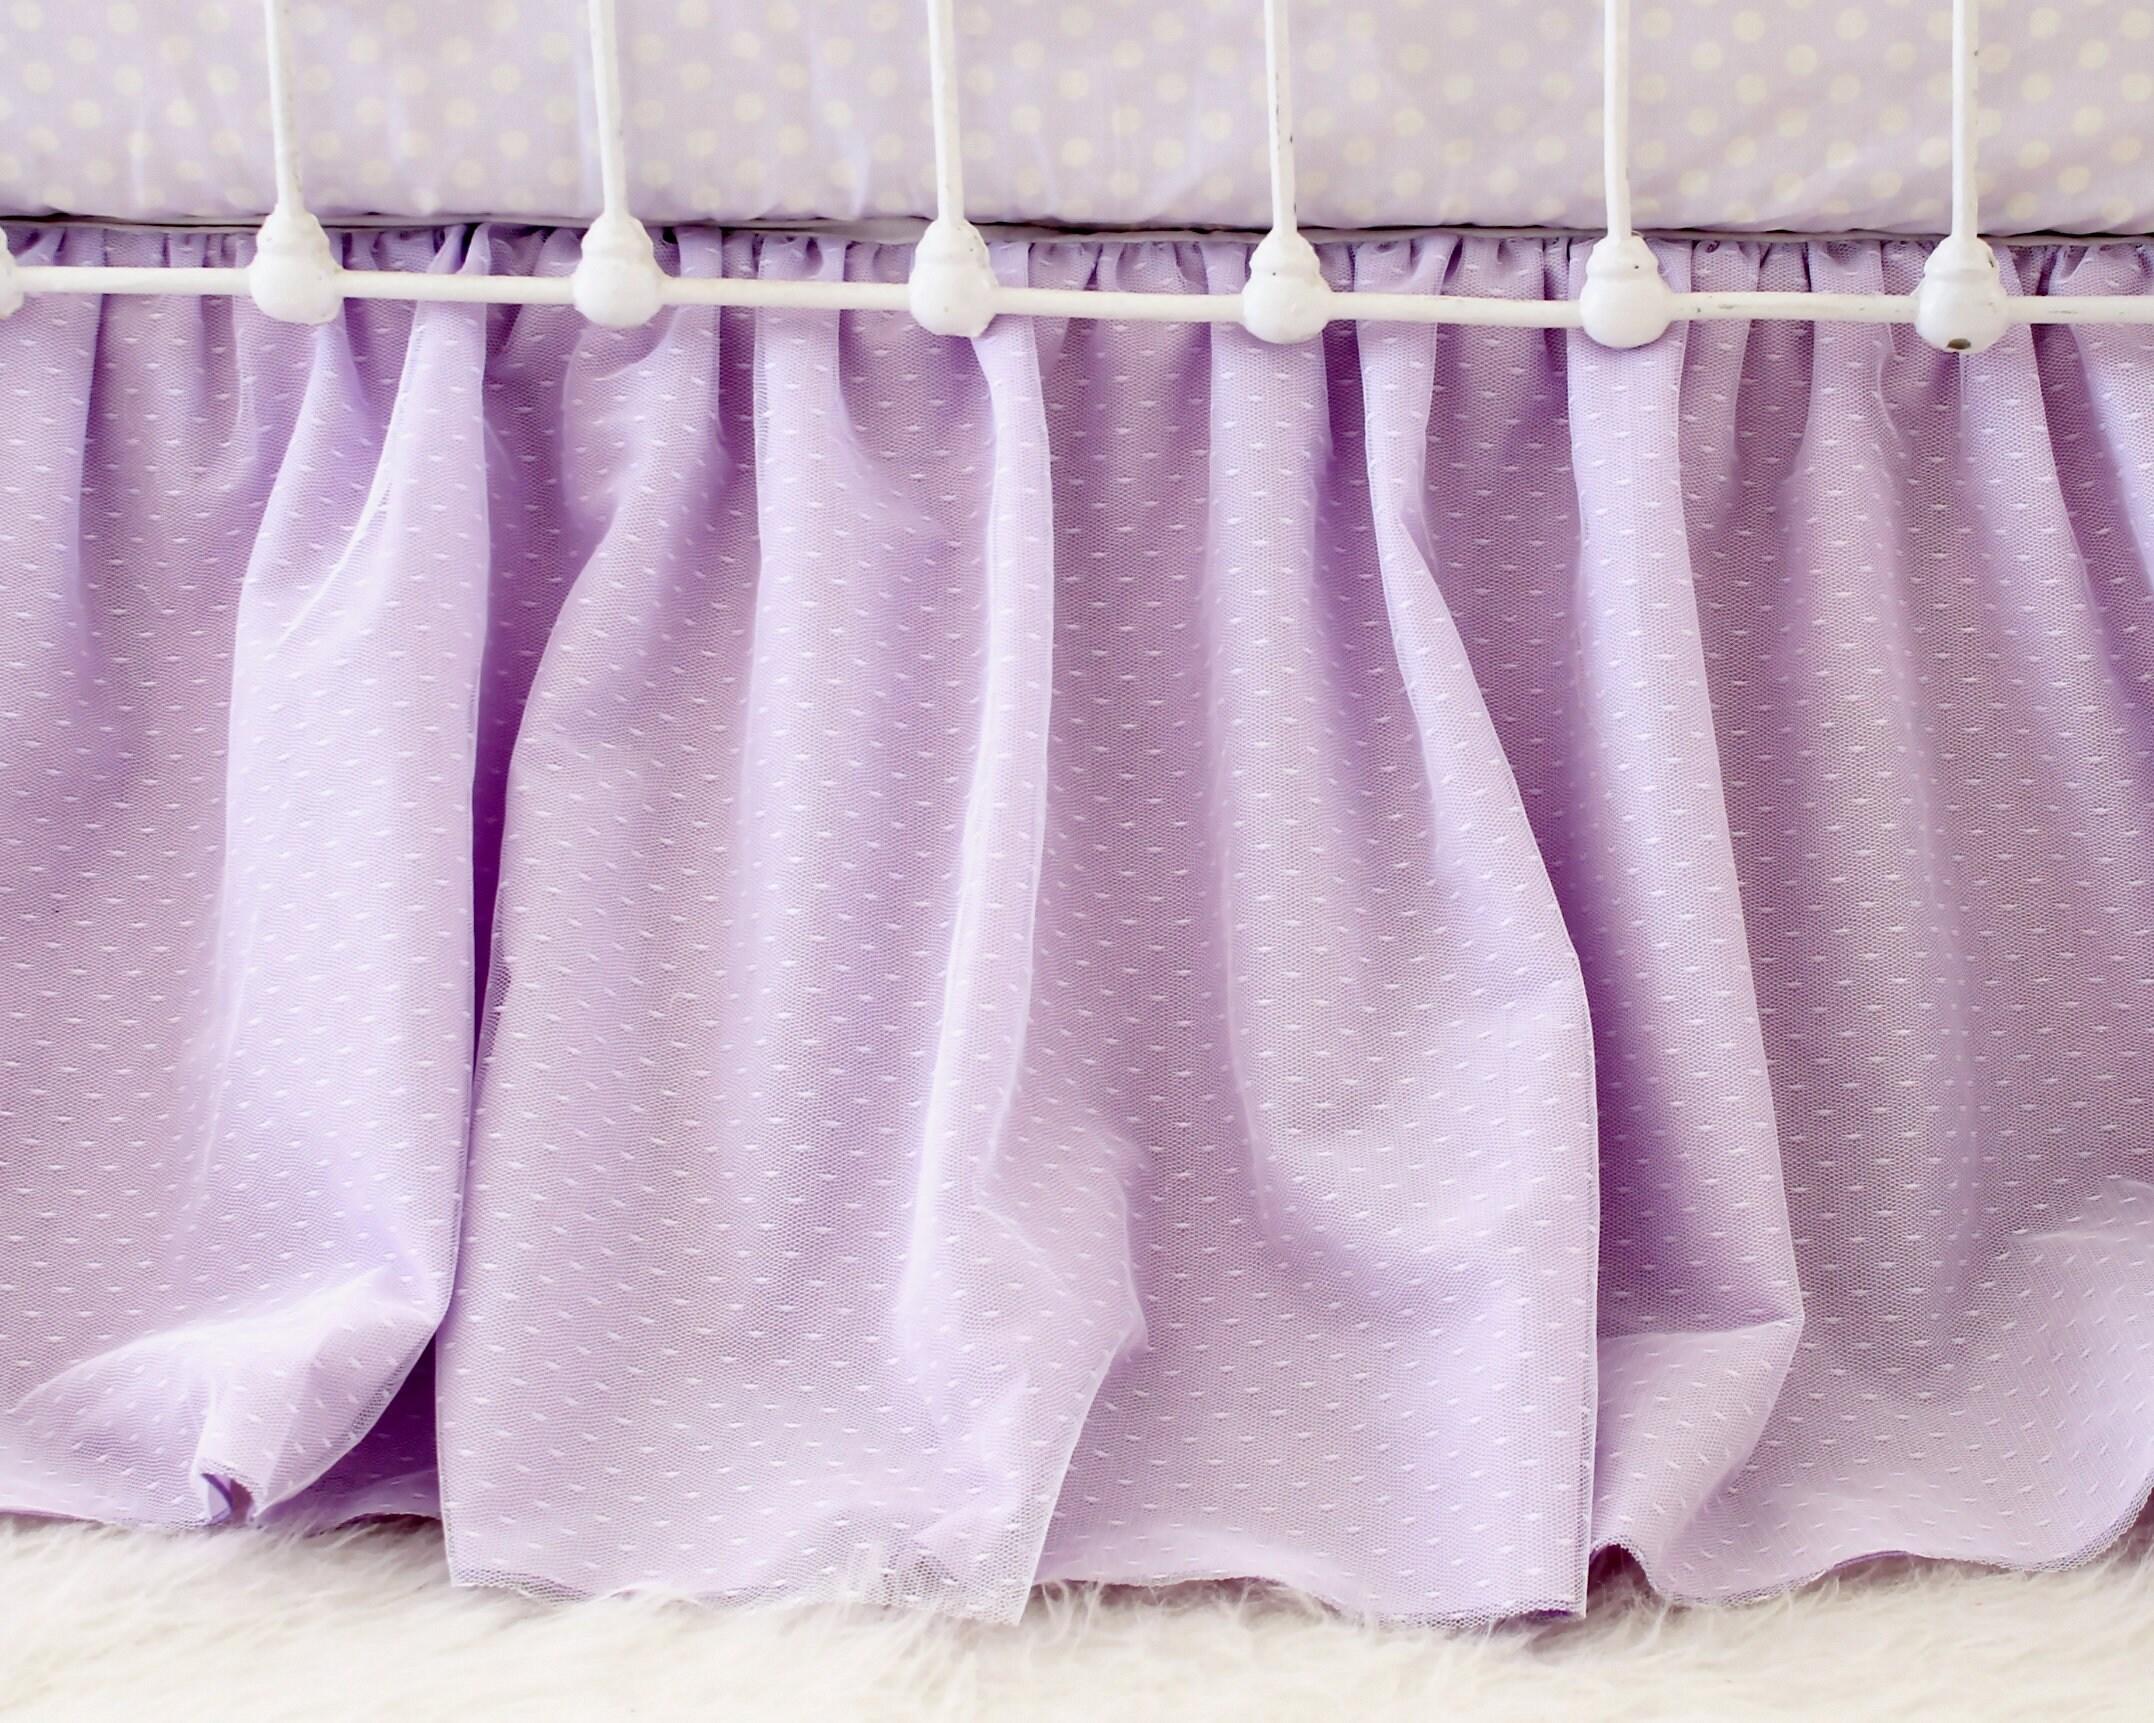 Bébé fille lit literie ensemble en lilas violet Aqua, aquarelle florale océan rêves bébé literie, ensemble de lit pour chambre d'enfant sur le thème sirène mauve